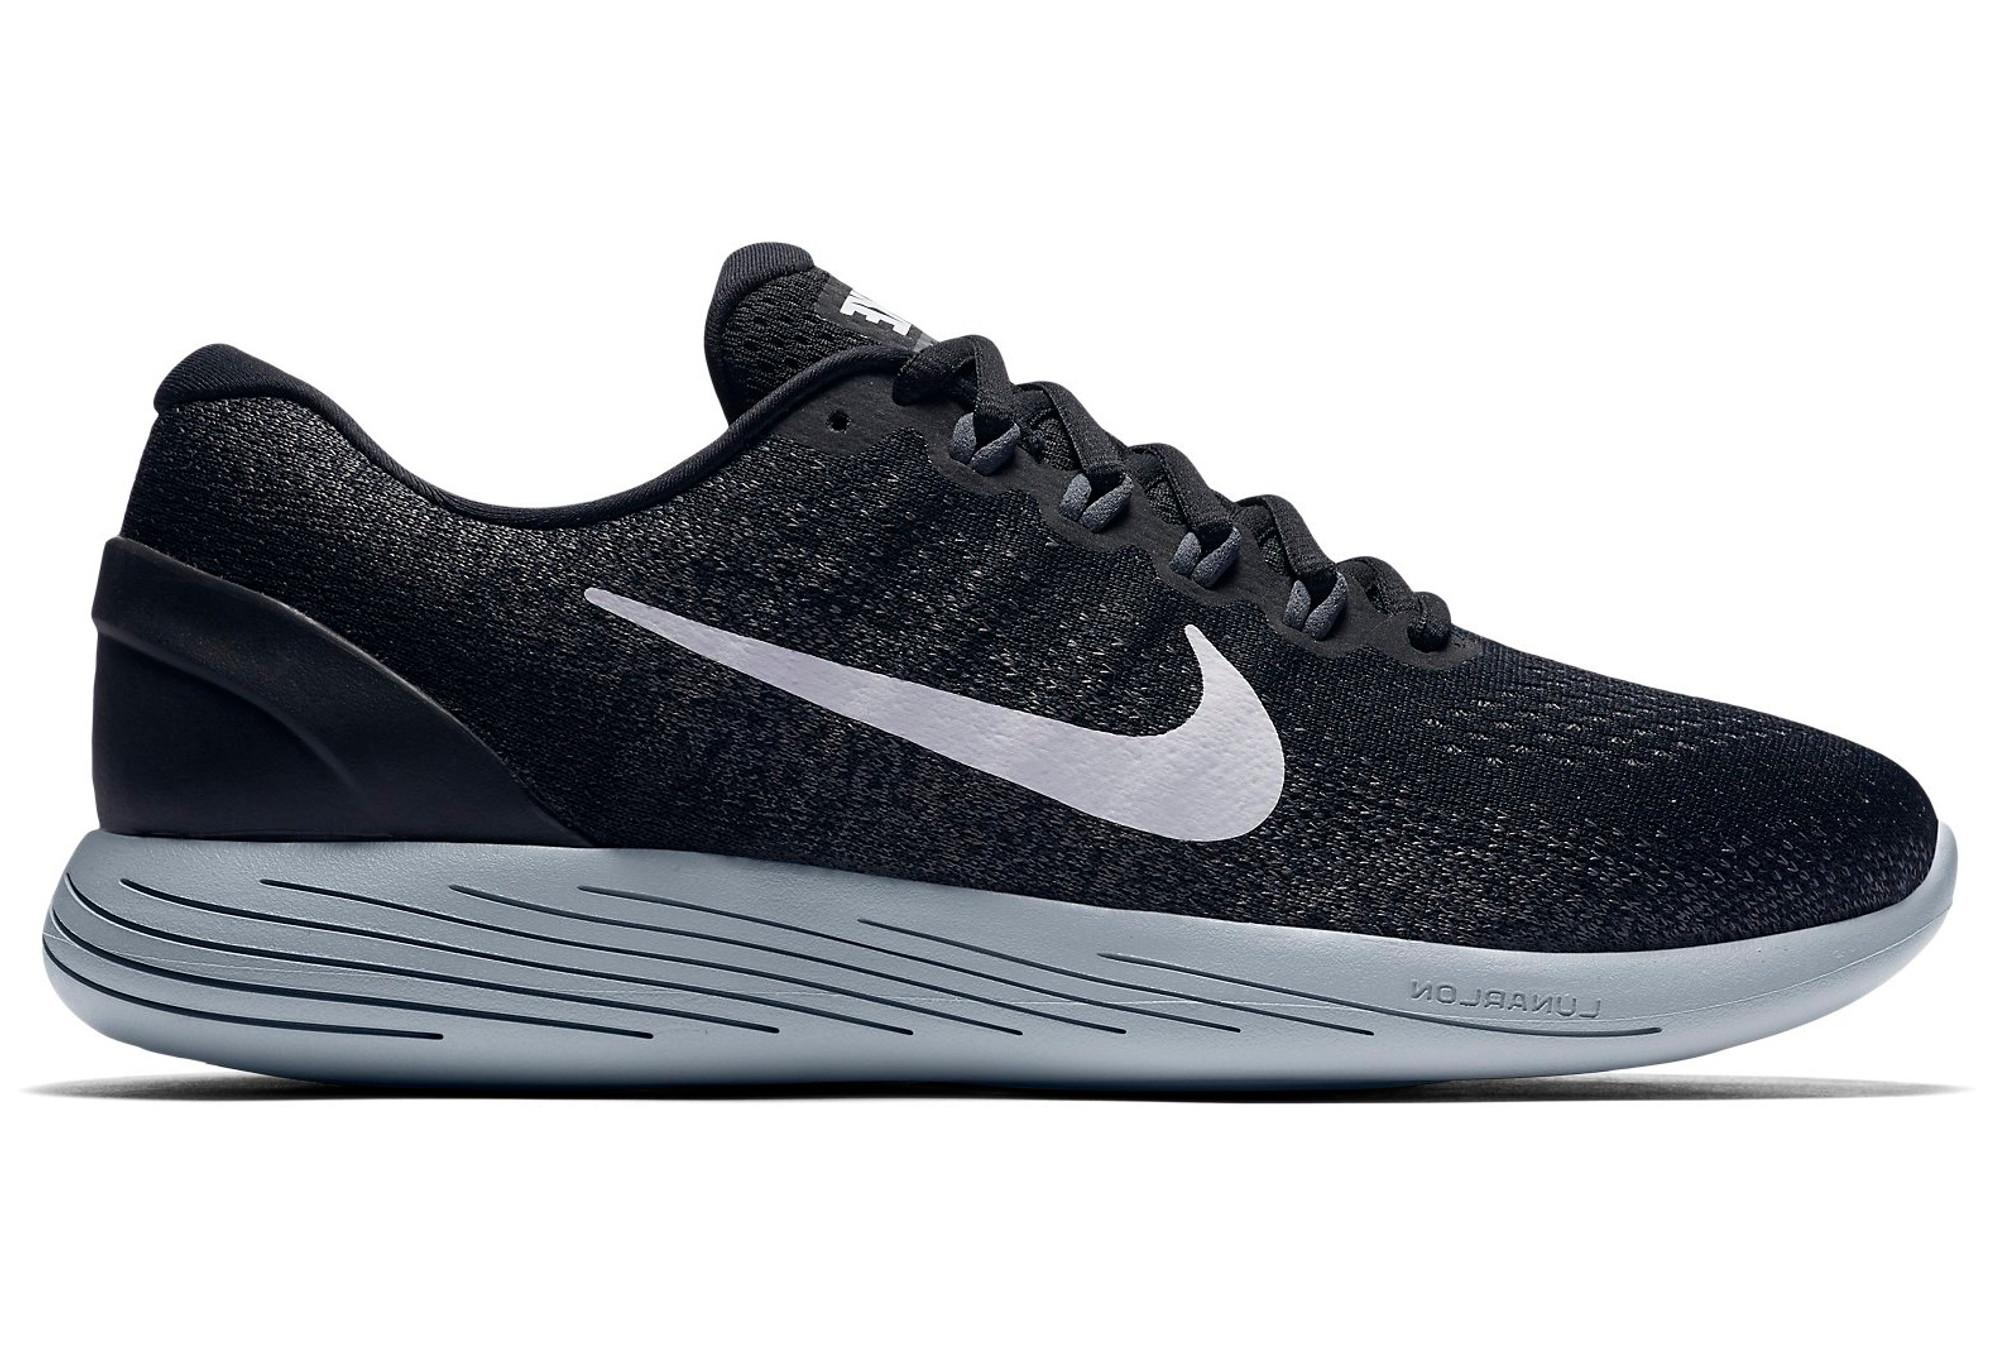 3a8fd7bee Nike LunarGlide 9 Black